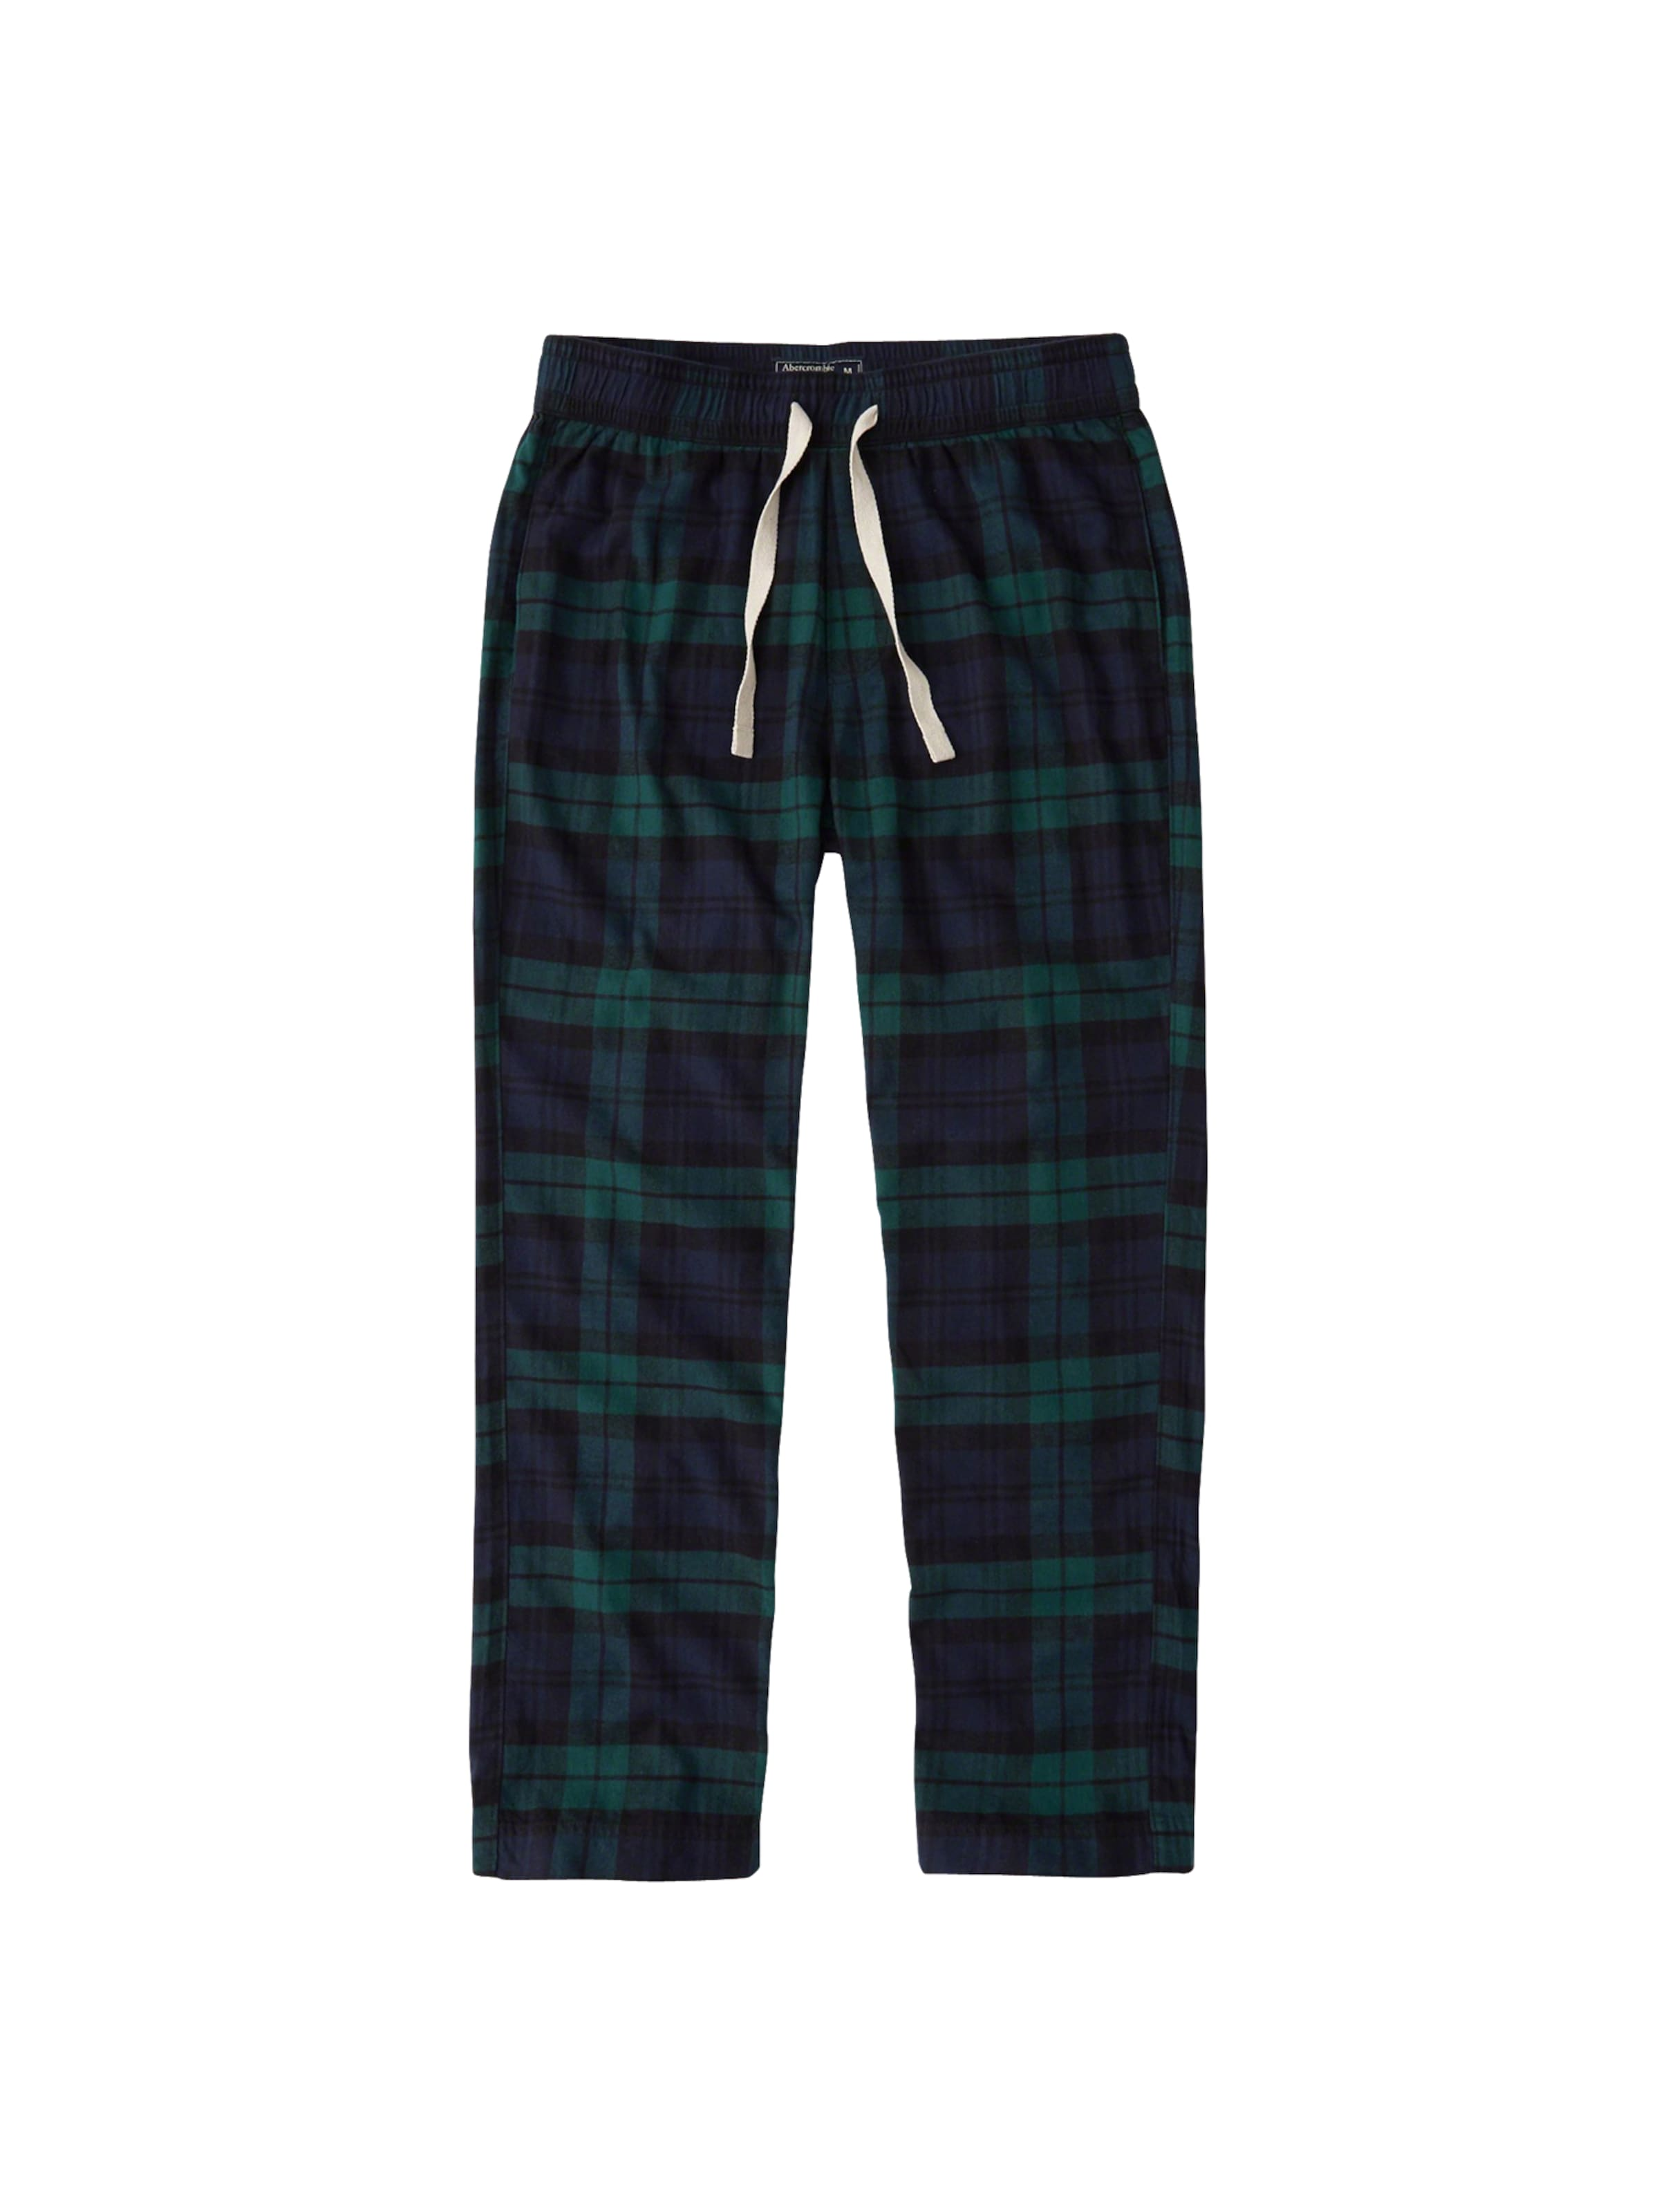 Pyjama Pant 5cc' Pantalon Abercrombieamp; En FoncéNoir 'xm18 Rouge De Sleep Fitch classic wX0kP8nO